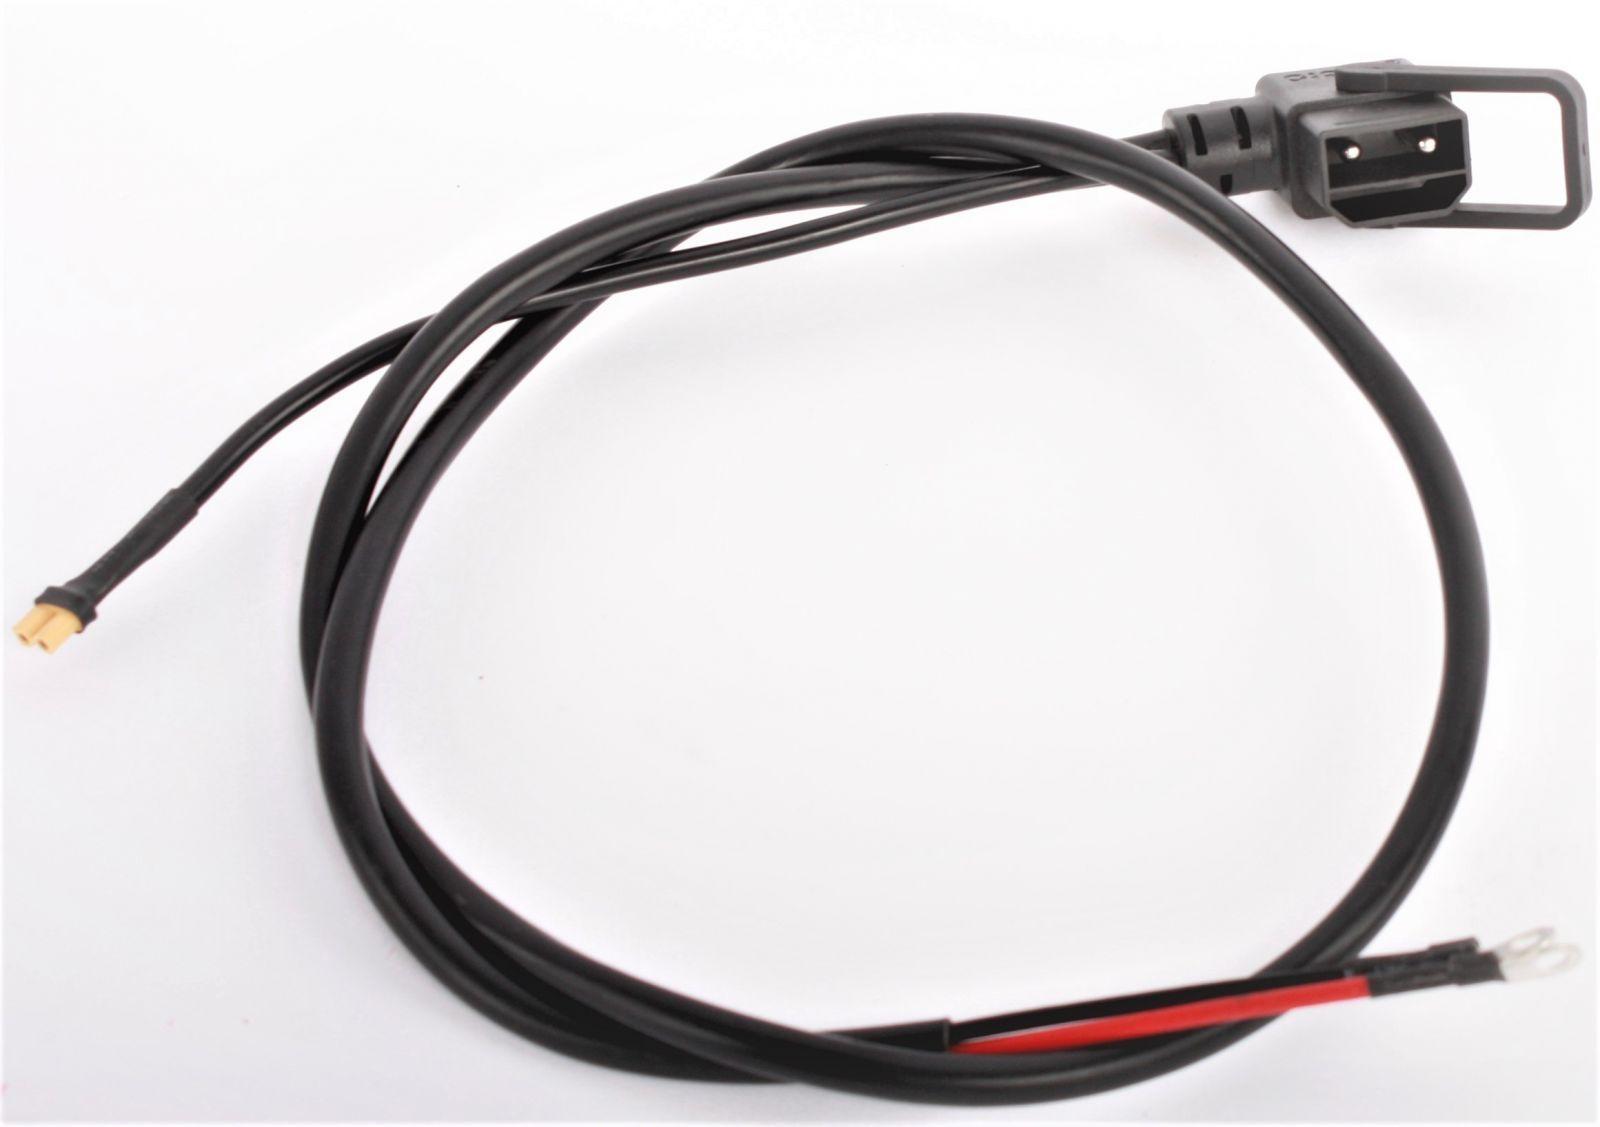 elektrokolobezka-kabel